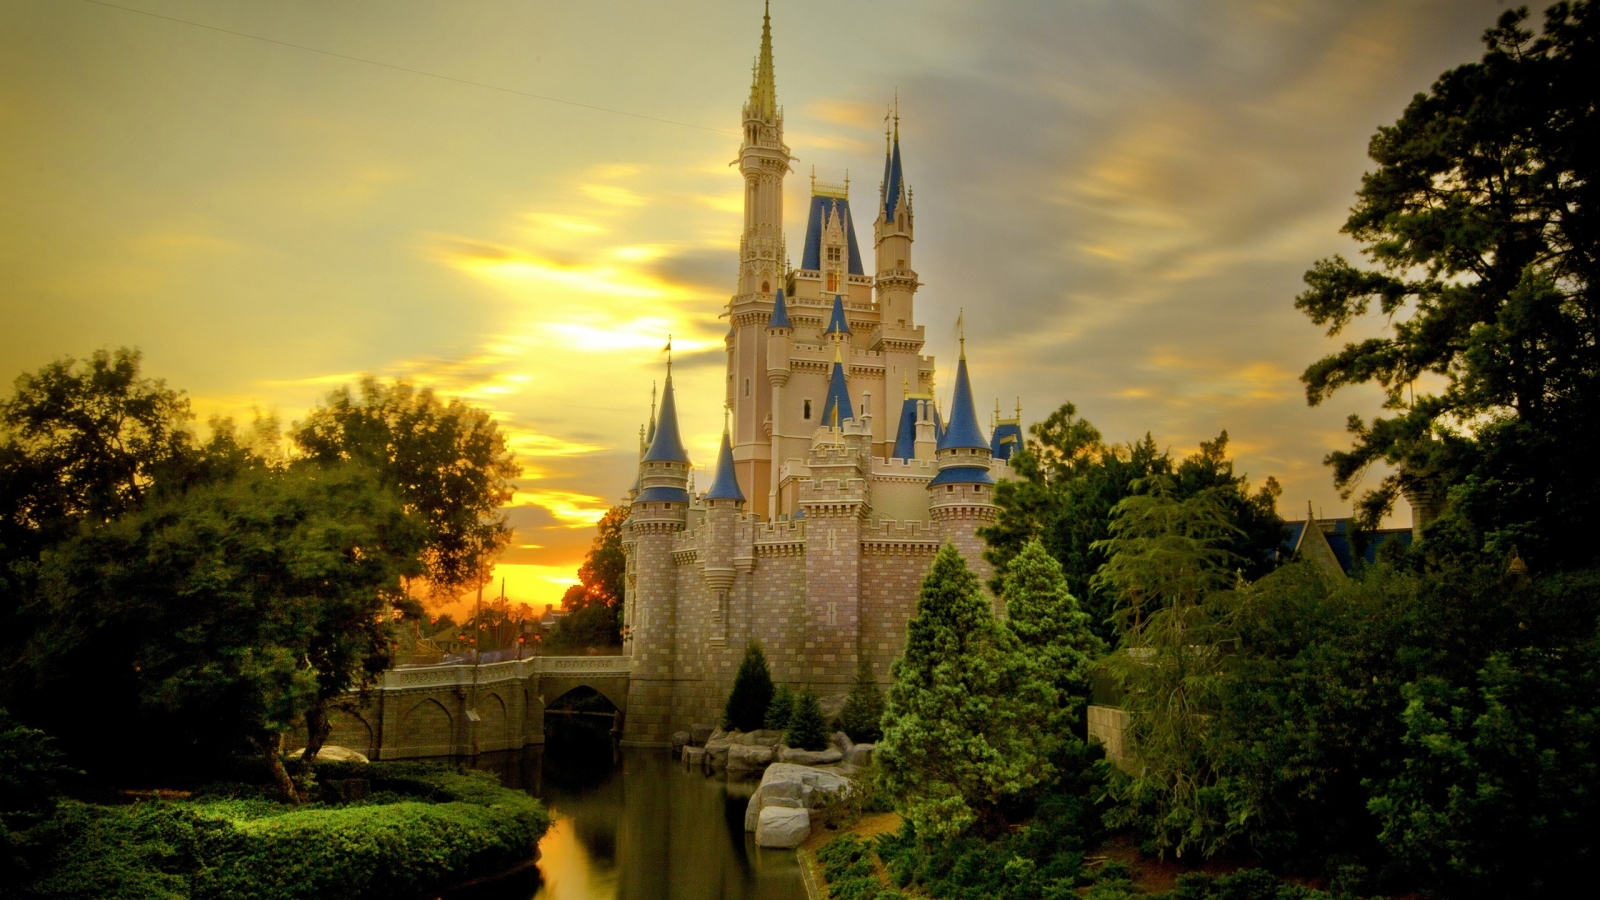 Castillos de princesas - 1600x900